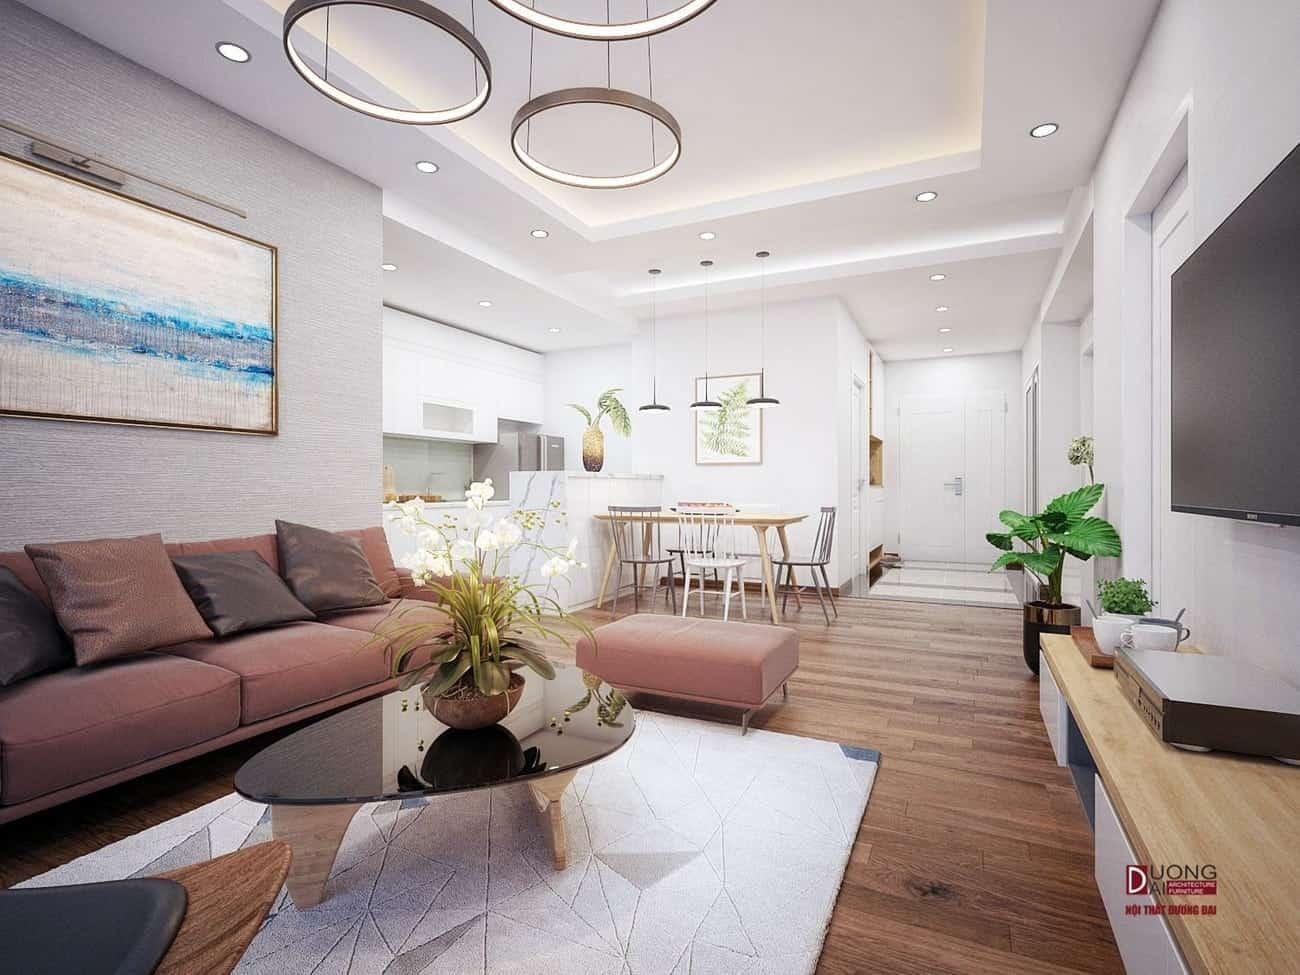 Thiết kế căn hộ Vinhomes Golden River đẹp